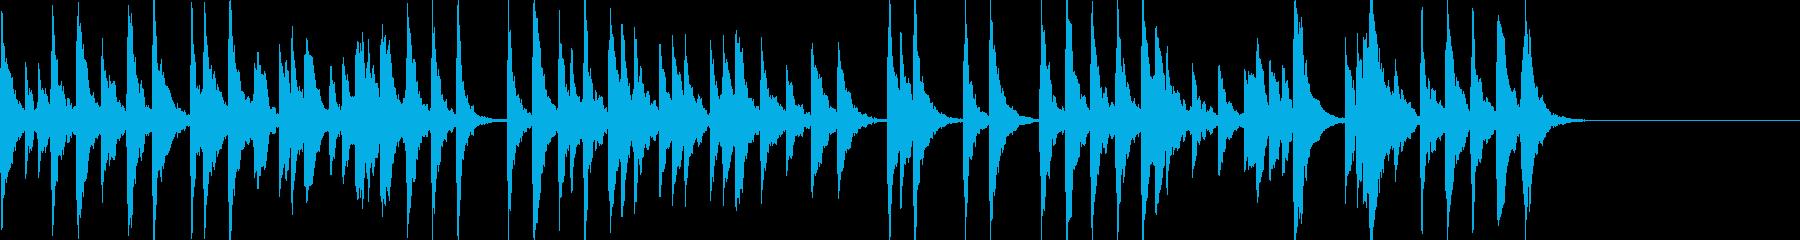 「スカボローフェア」オルゴールbpm66の再生済みの波形